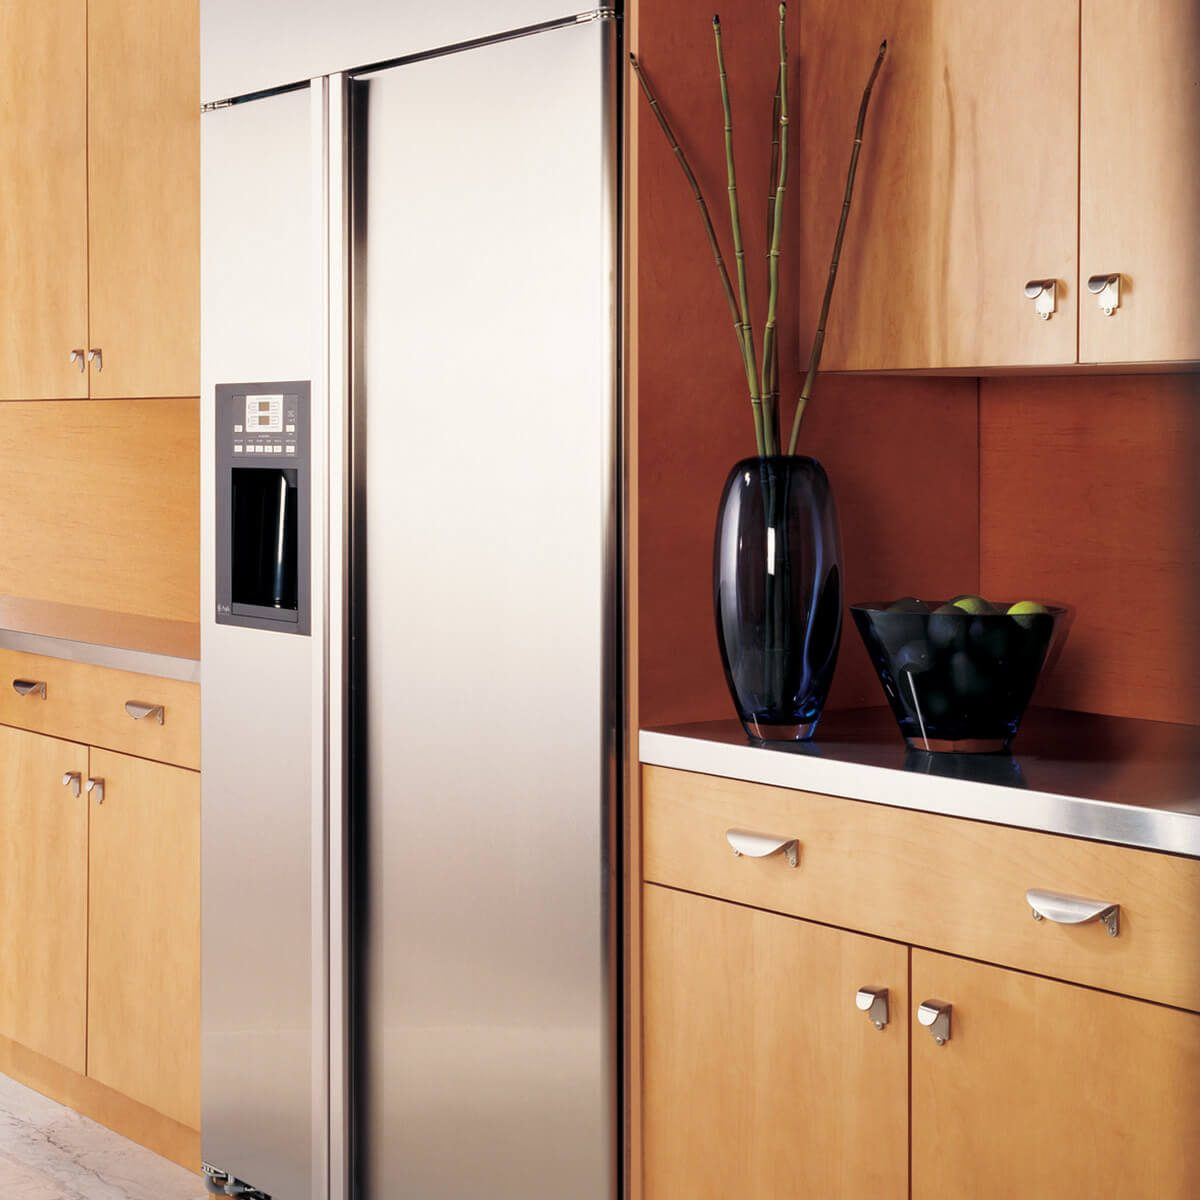 Kitchen Cabinets Refrigerator: 30 Ways To Revolutionize Your Kitchen Space